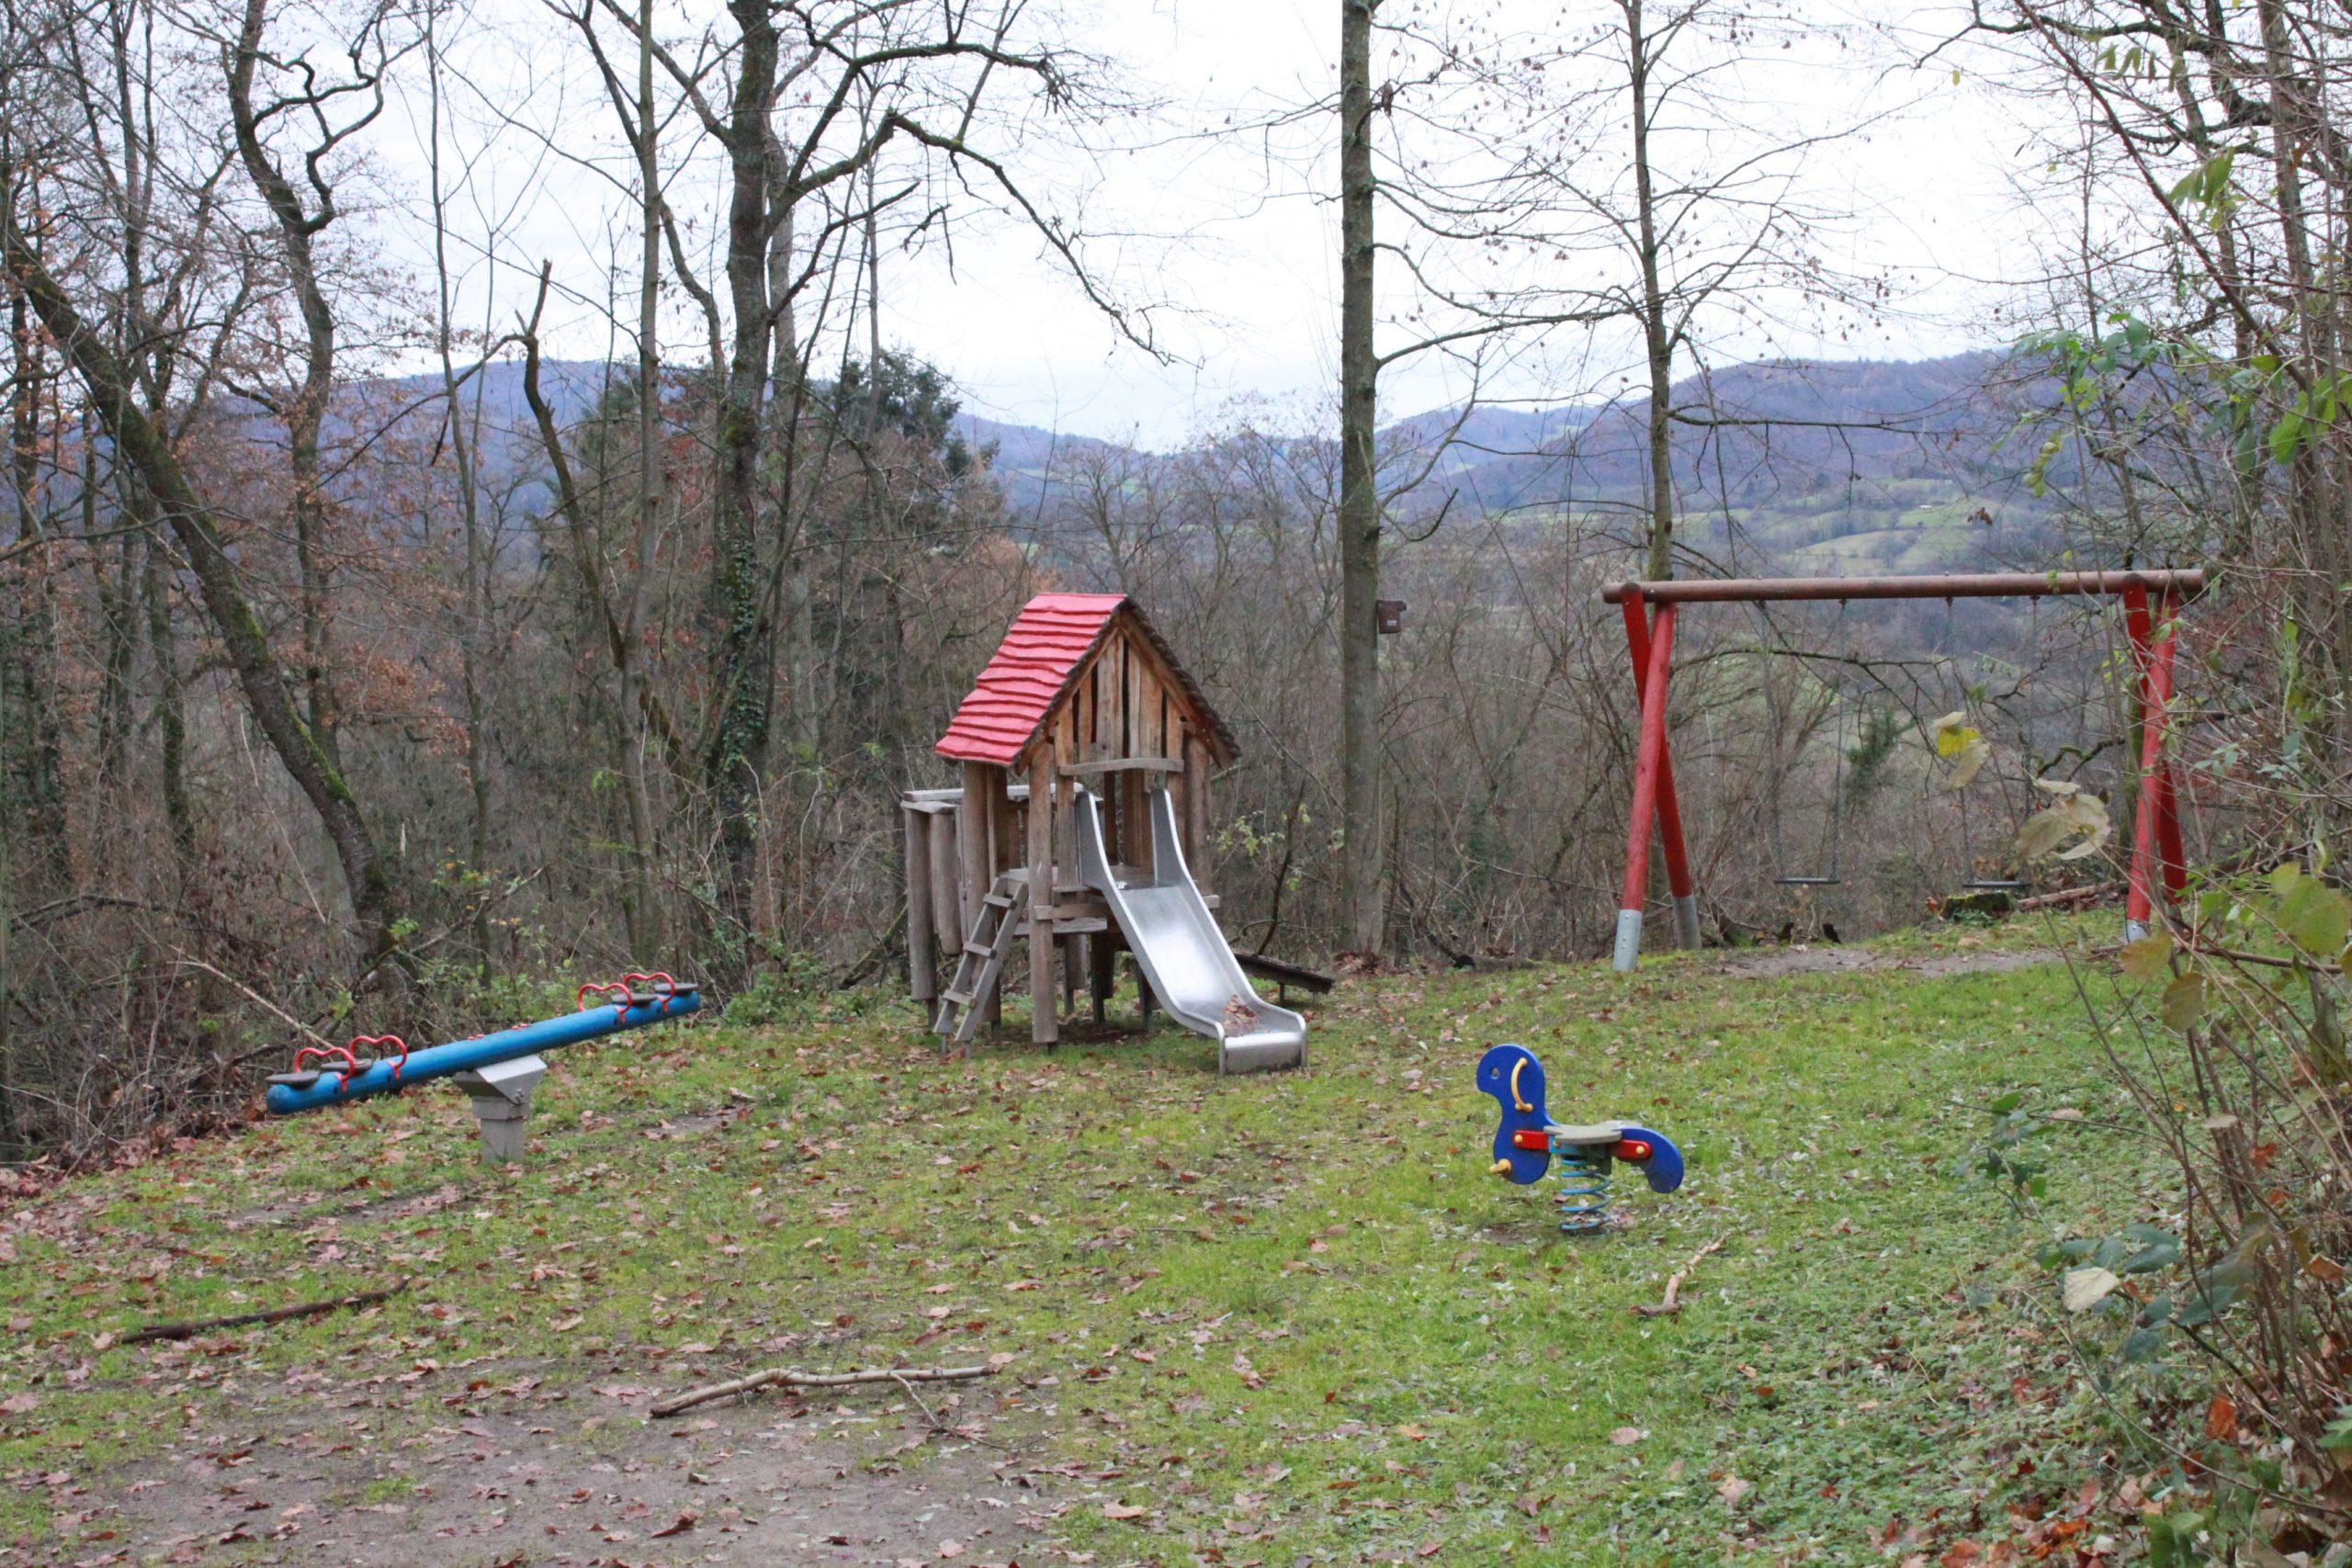 Spielplatz unterhalb vom Turm